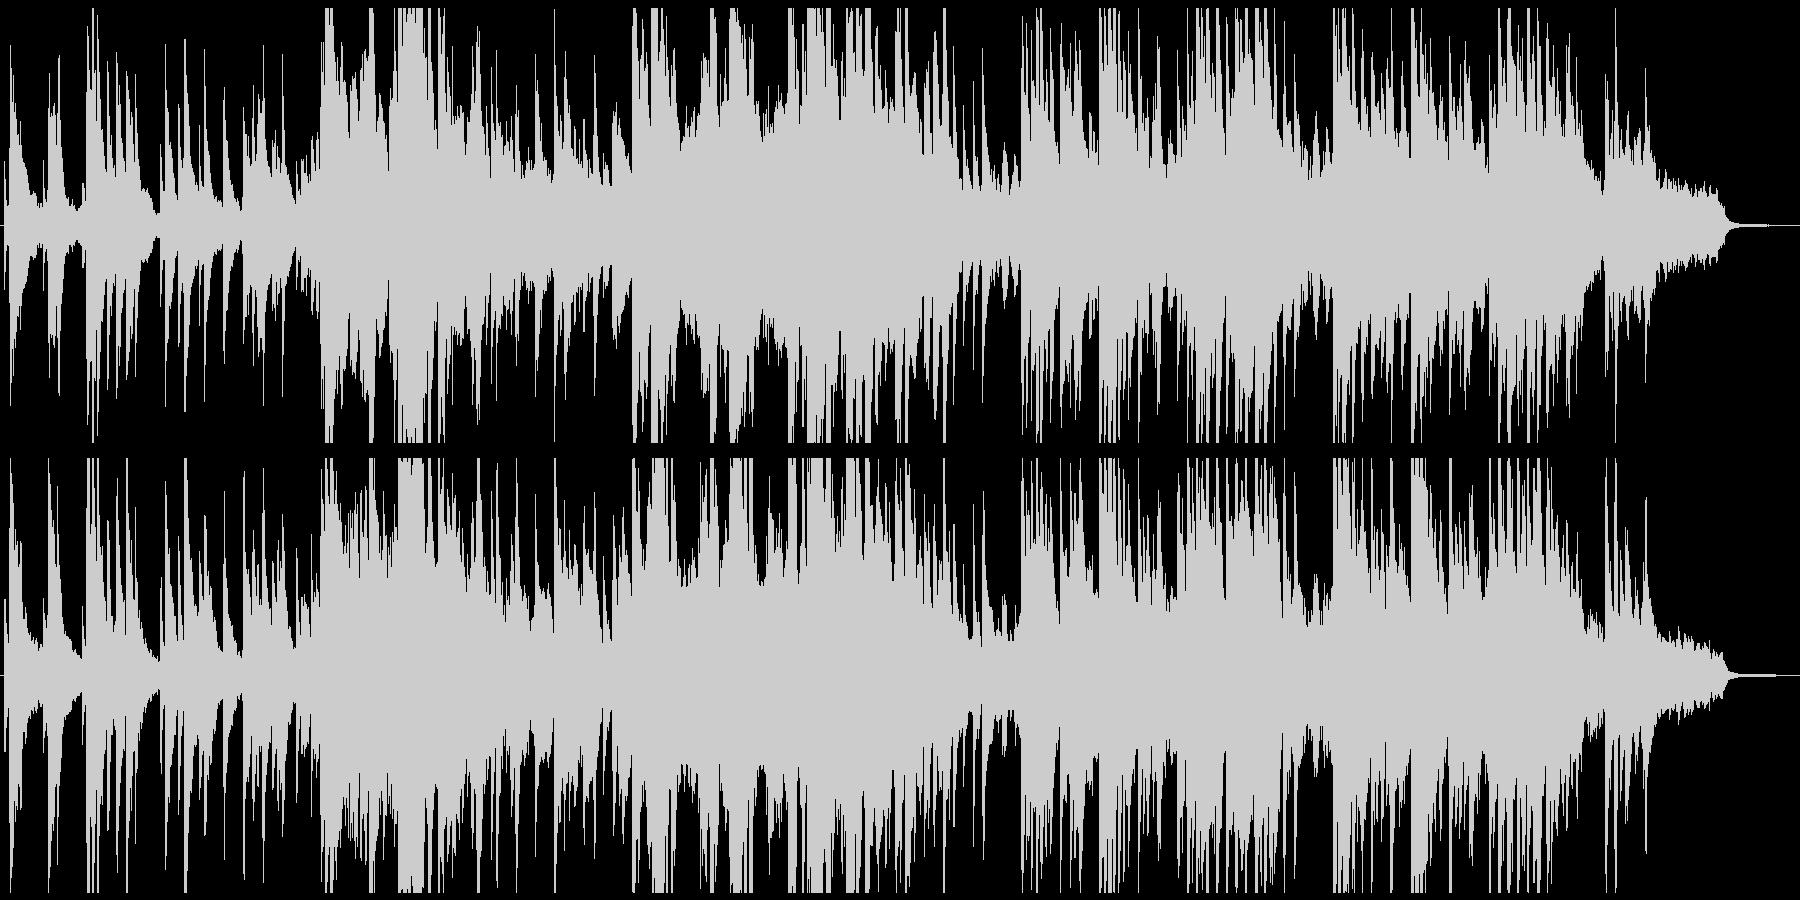 幻想的でとても物悲しい音楽の未再生の波形